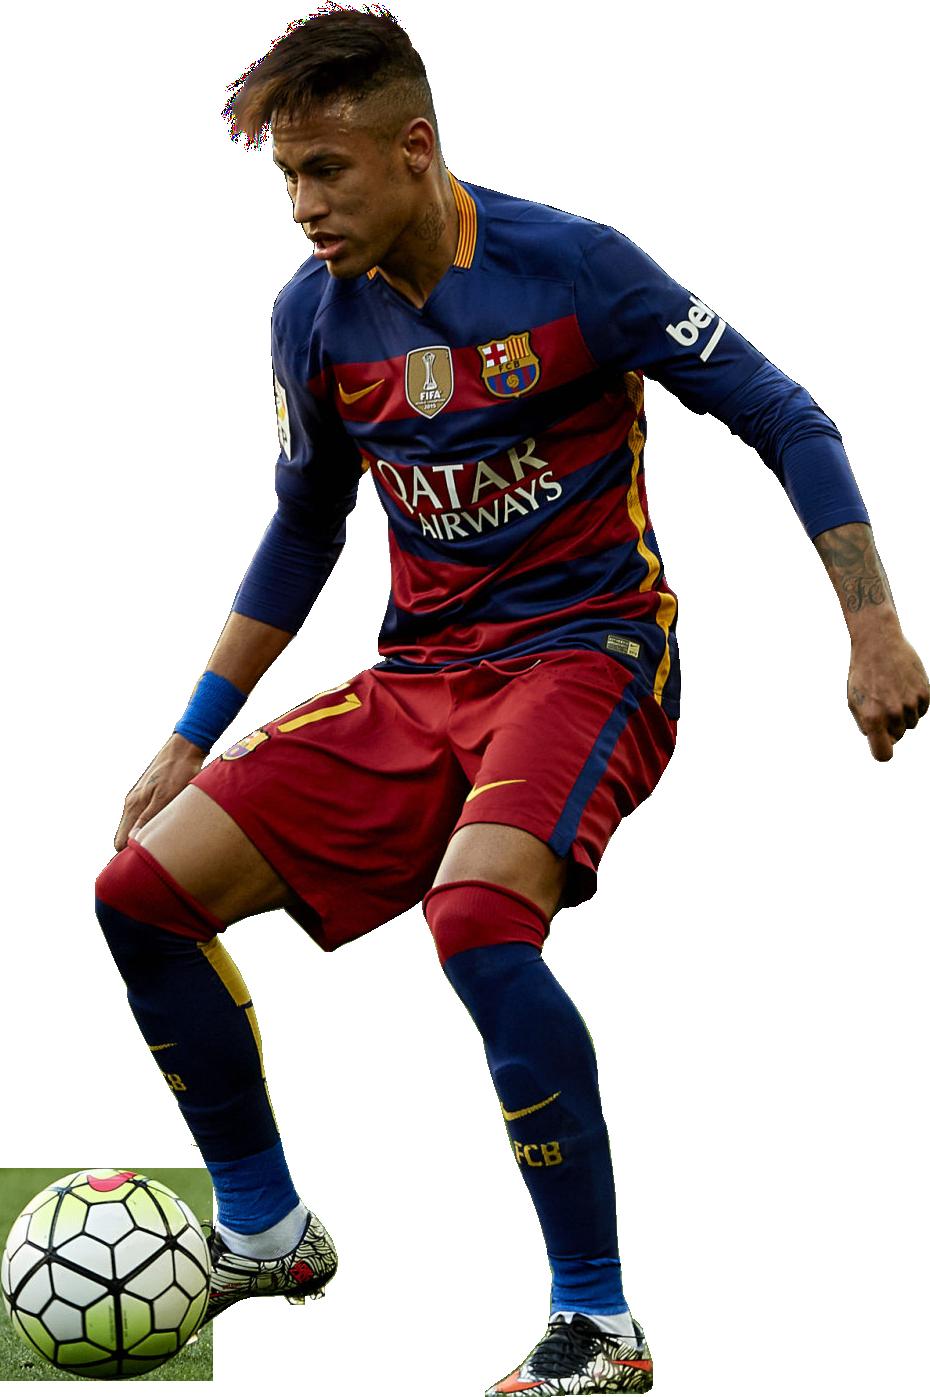 Neymar football render 23724 footyrenders - Render barcelona ...